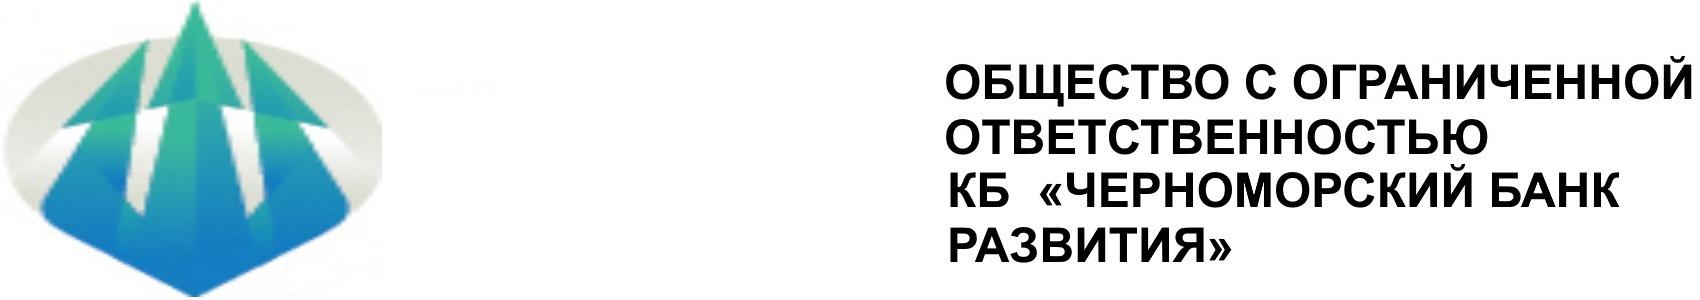 ООО КБ «Черноморский банк развития»